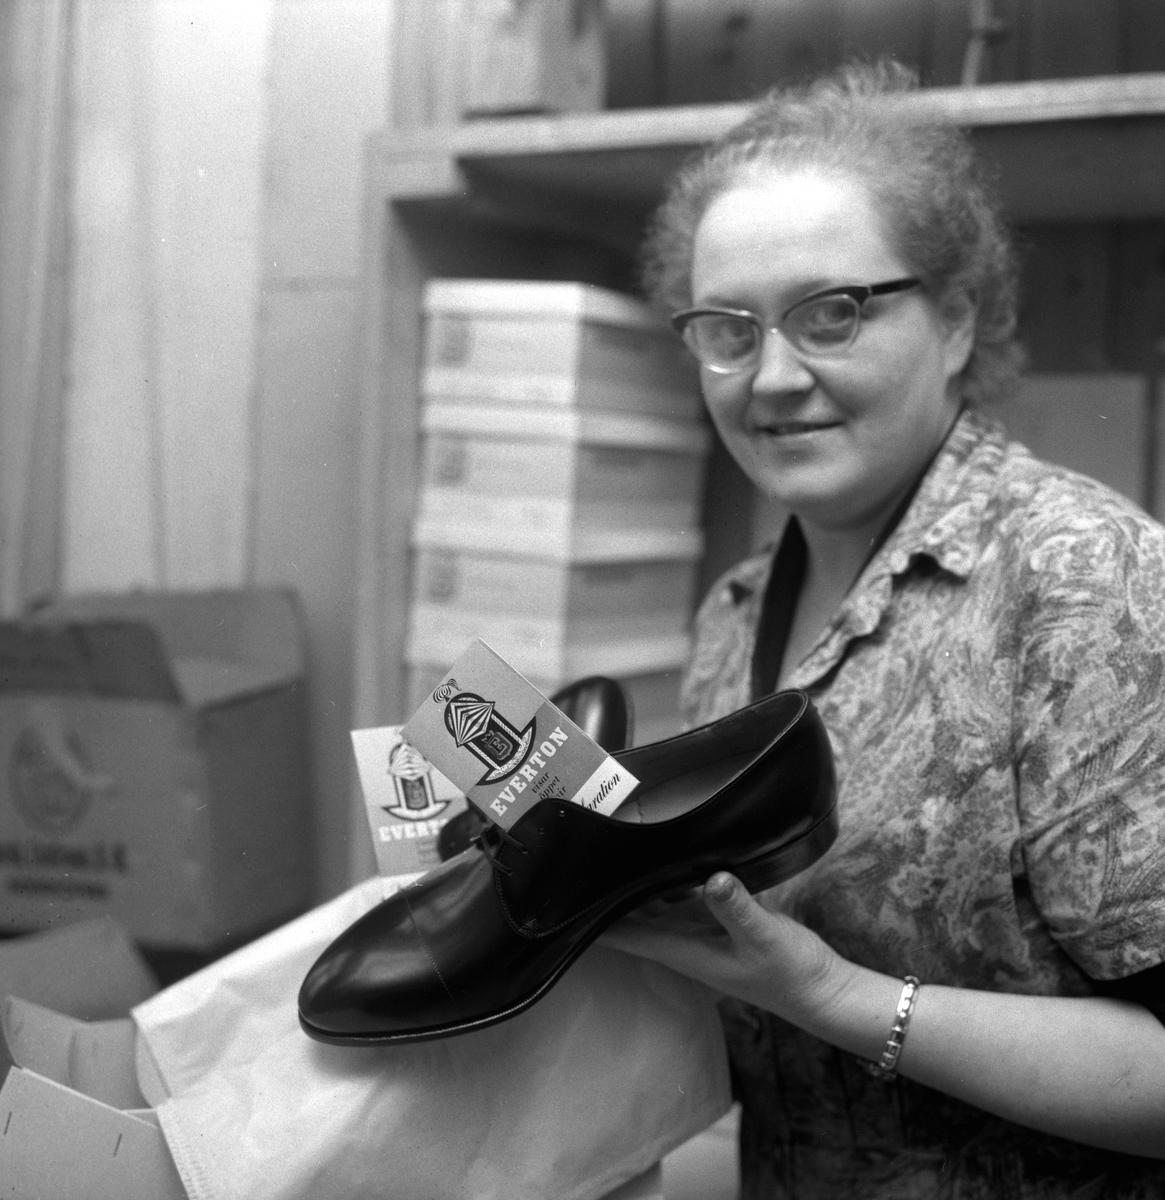 Varudeklaration om skor. 18 mars 1959.